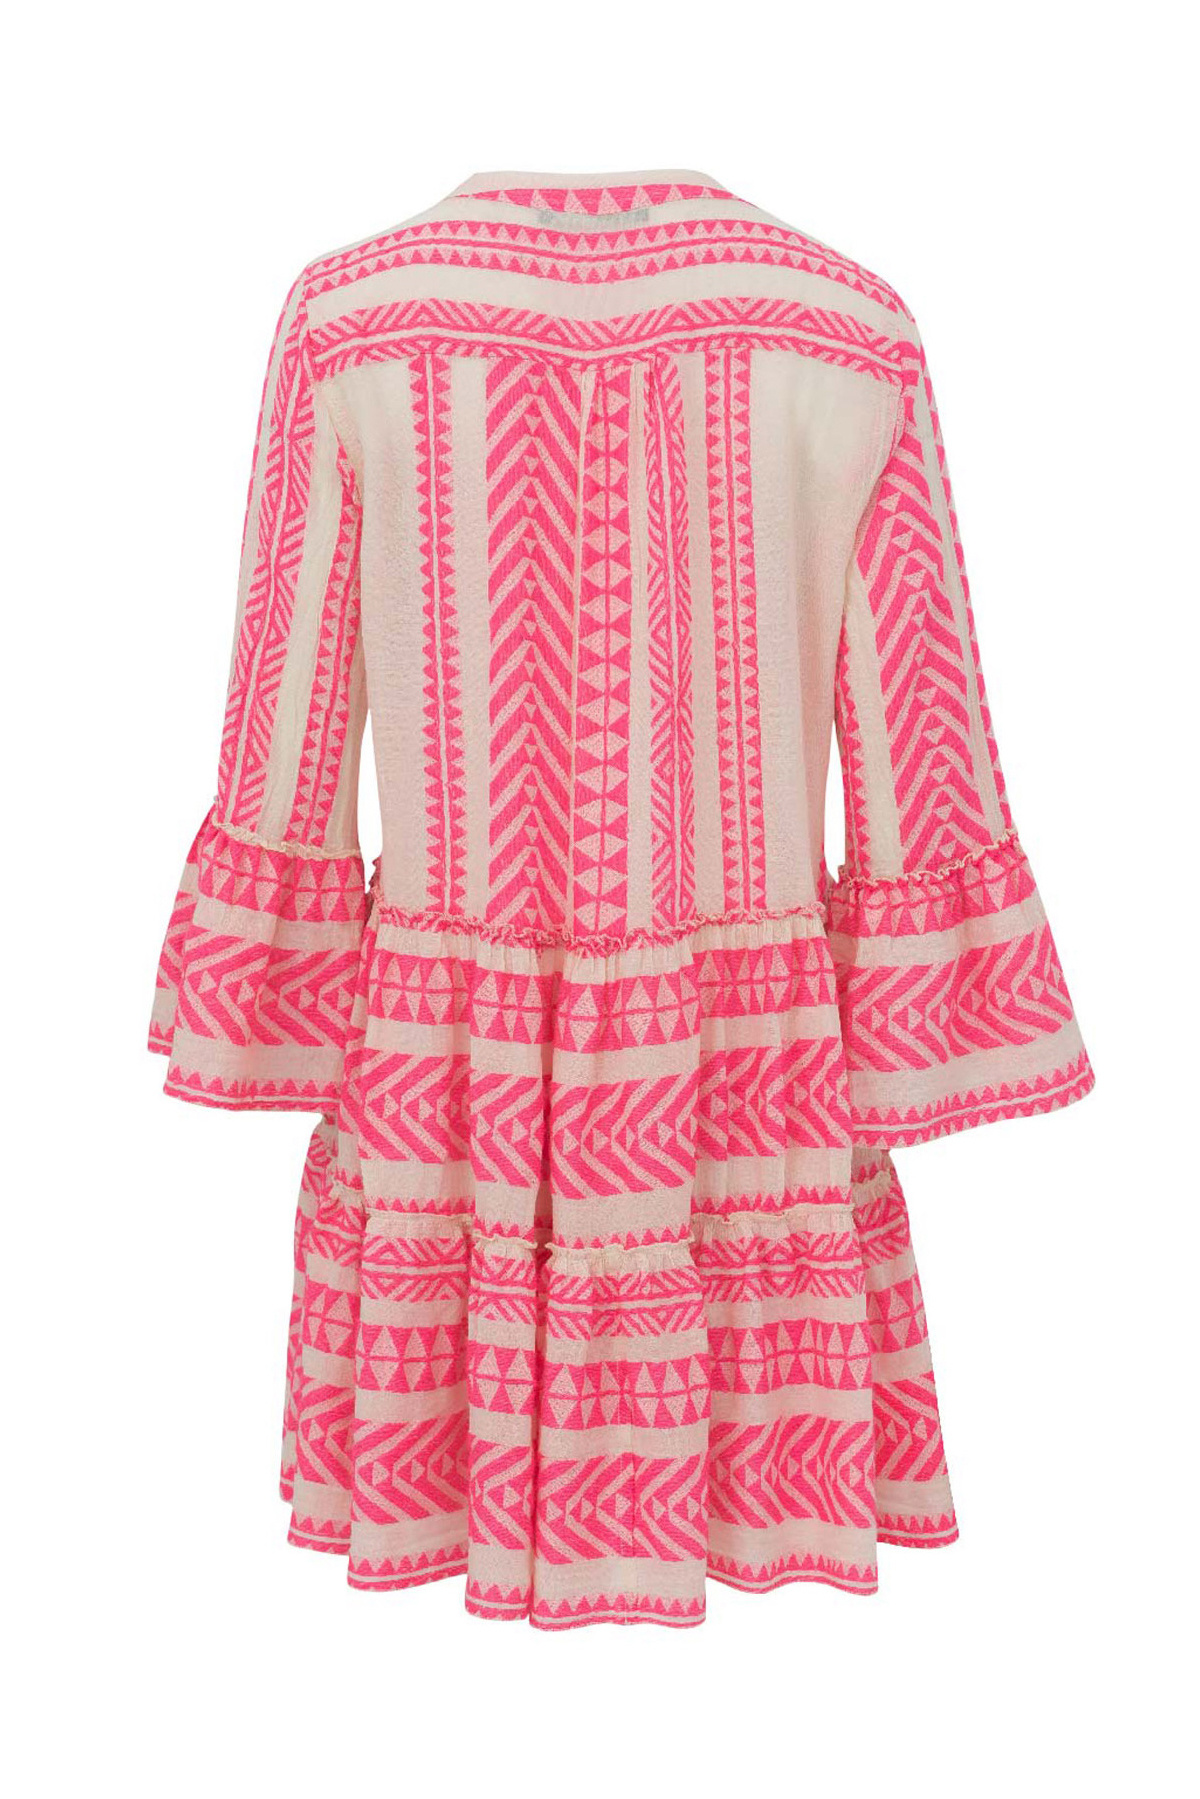 Ella Short Dress - Off White / Neon Pink-4